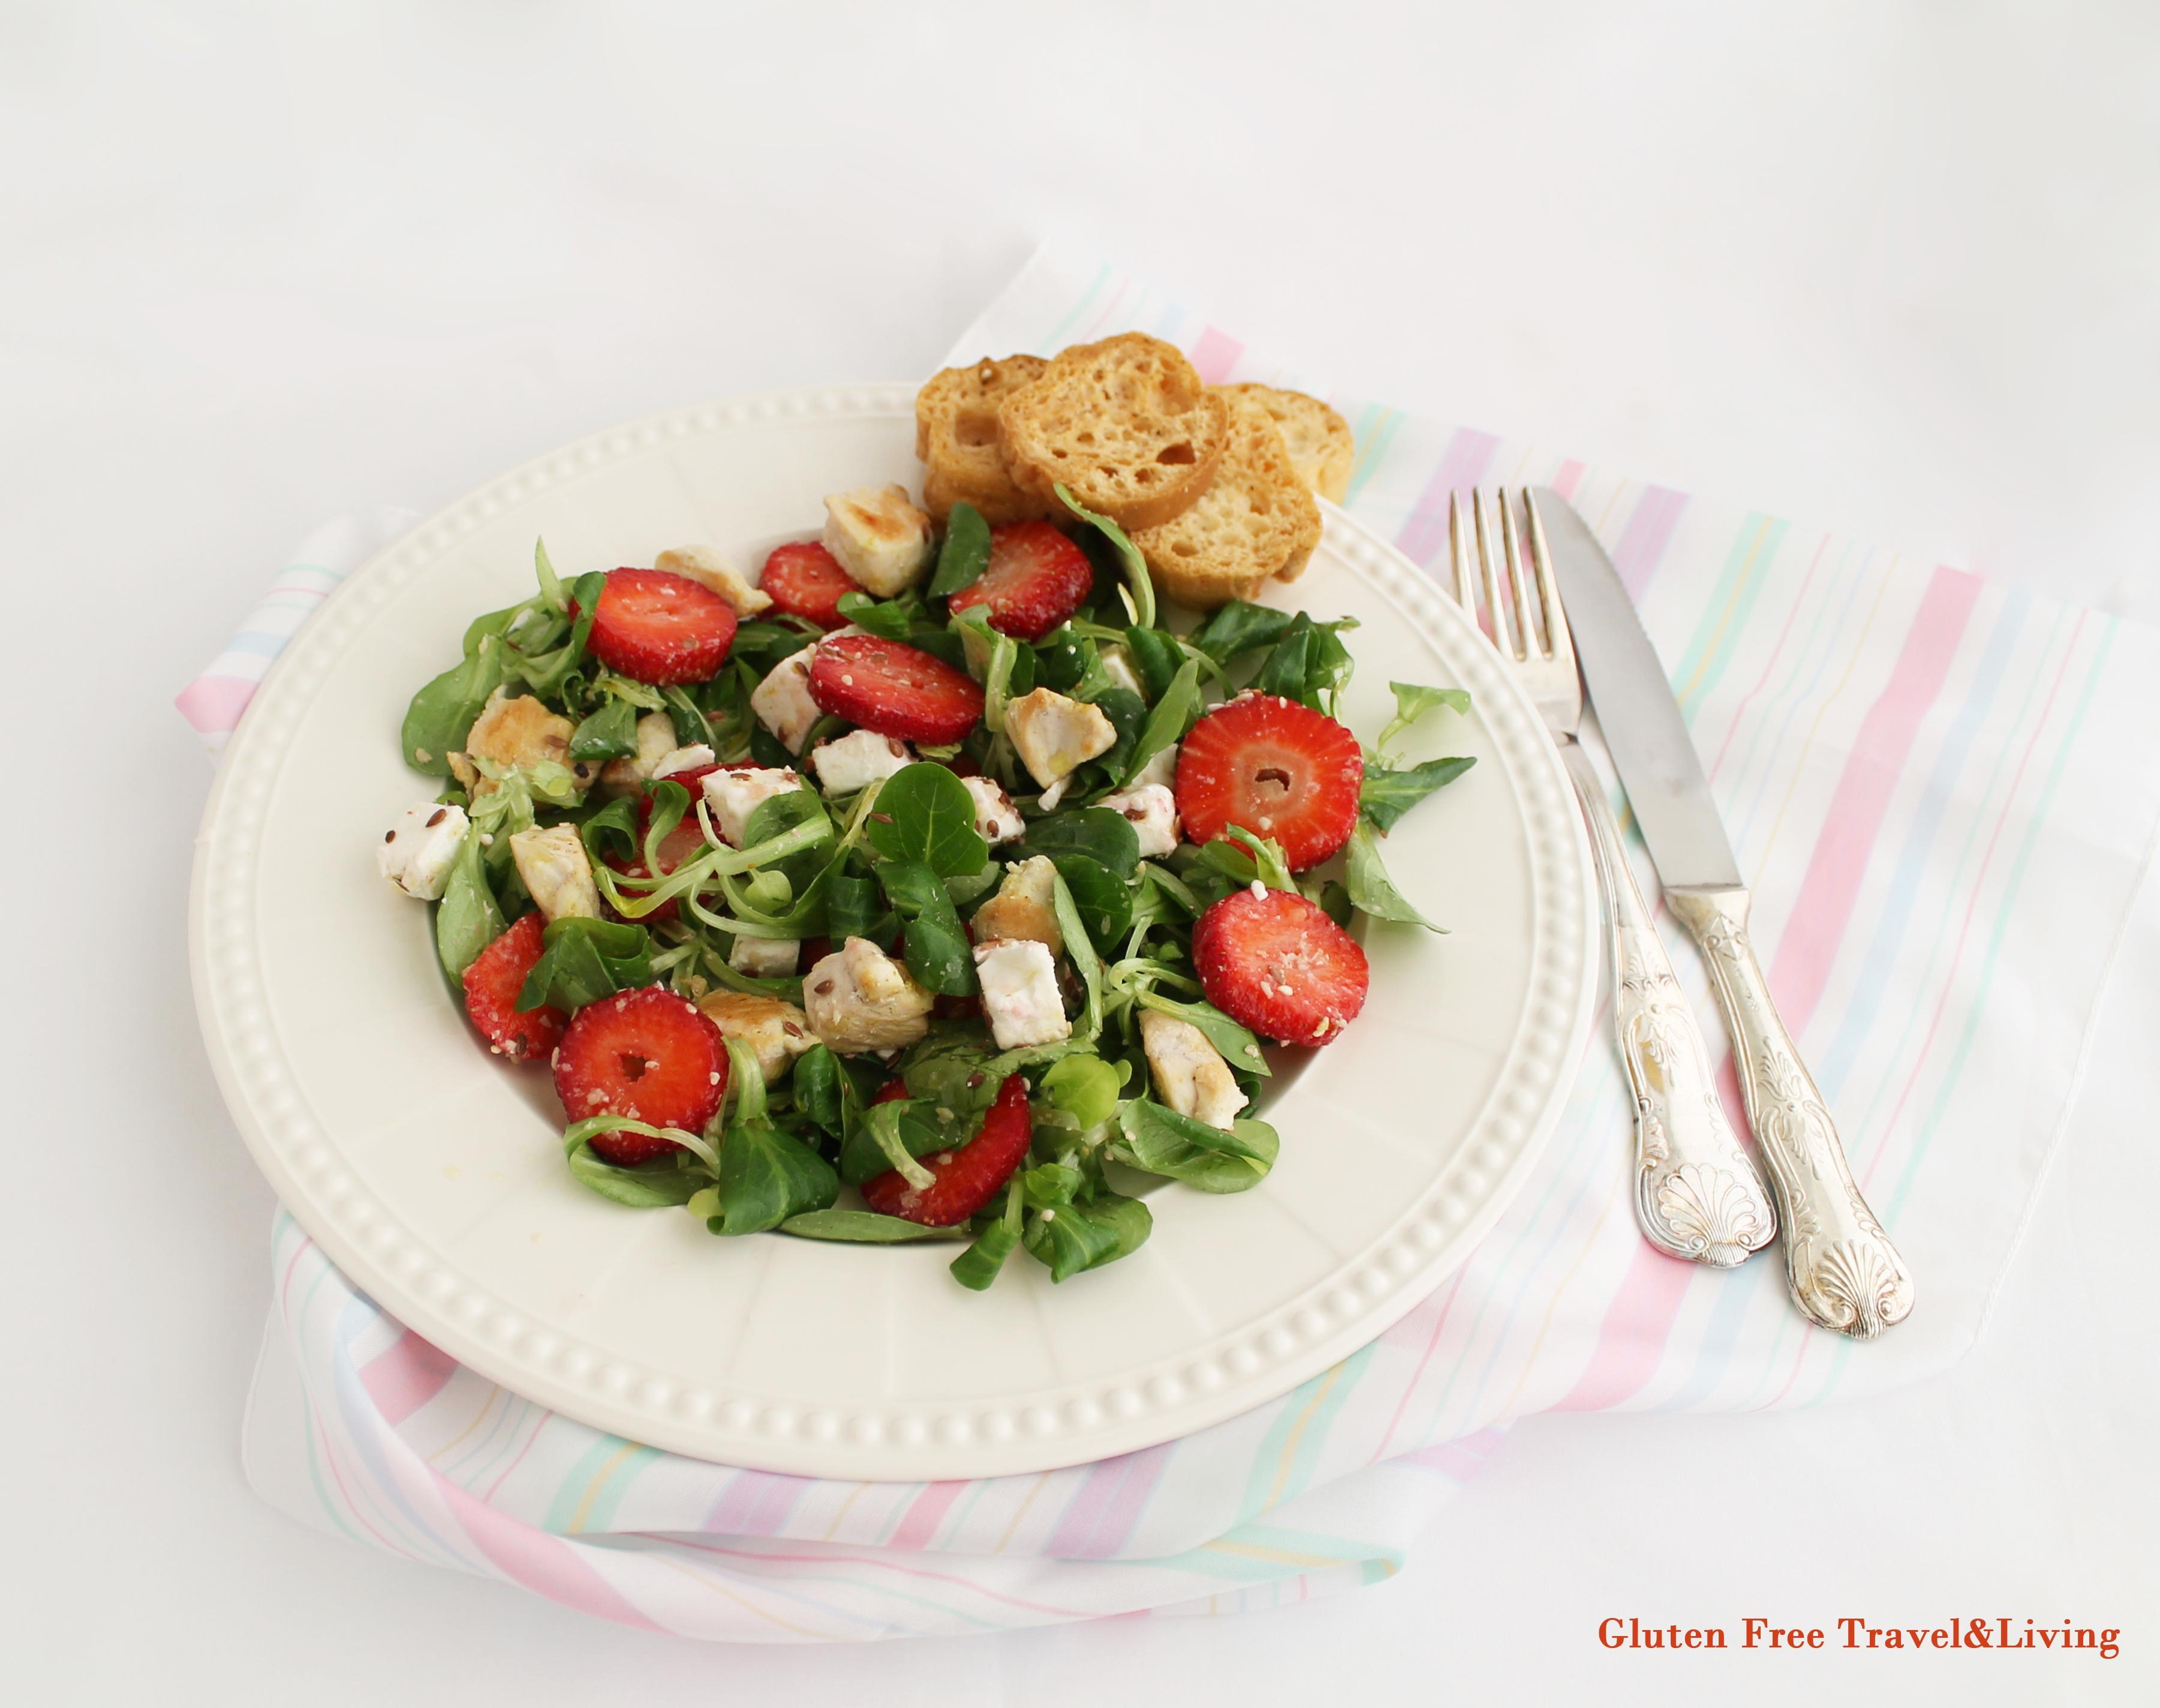 Insalata di soncino e fragole senza glutine for Soncino insalata